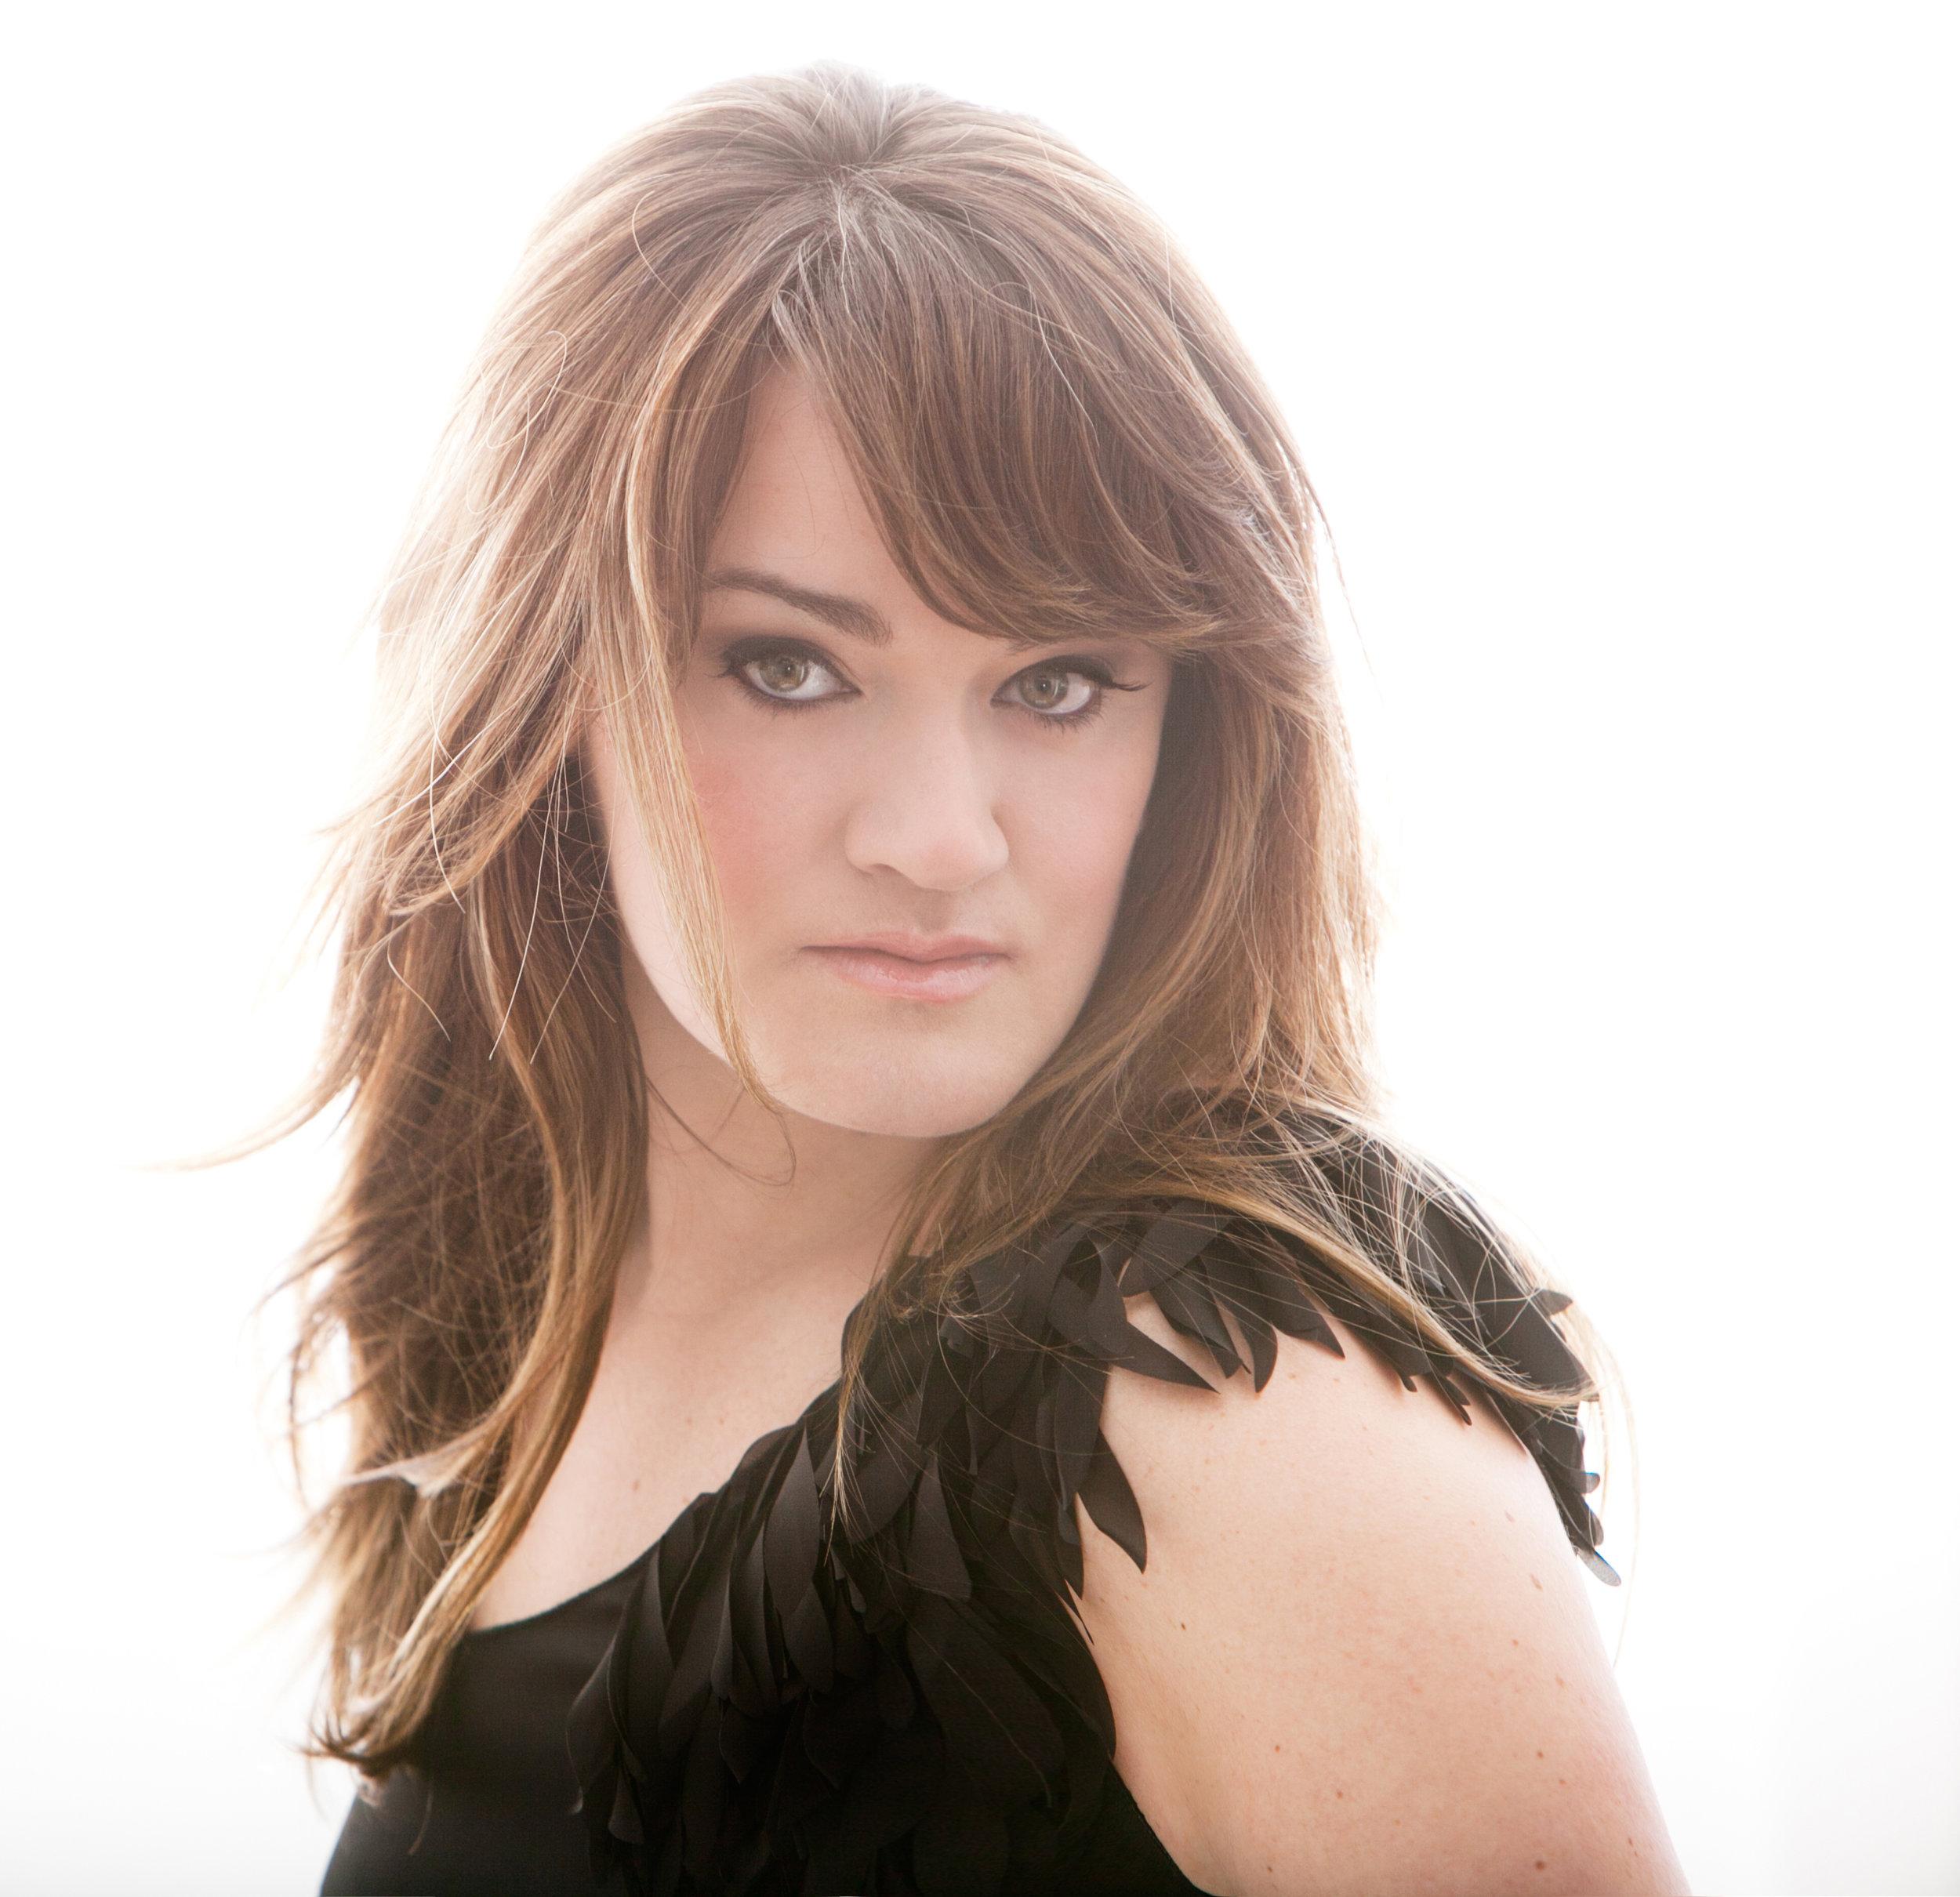 Tammy-Swales-Studio_Nicole-Scanlon-07.jpg